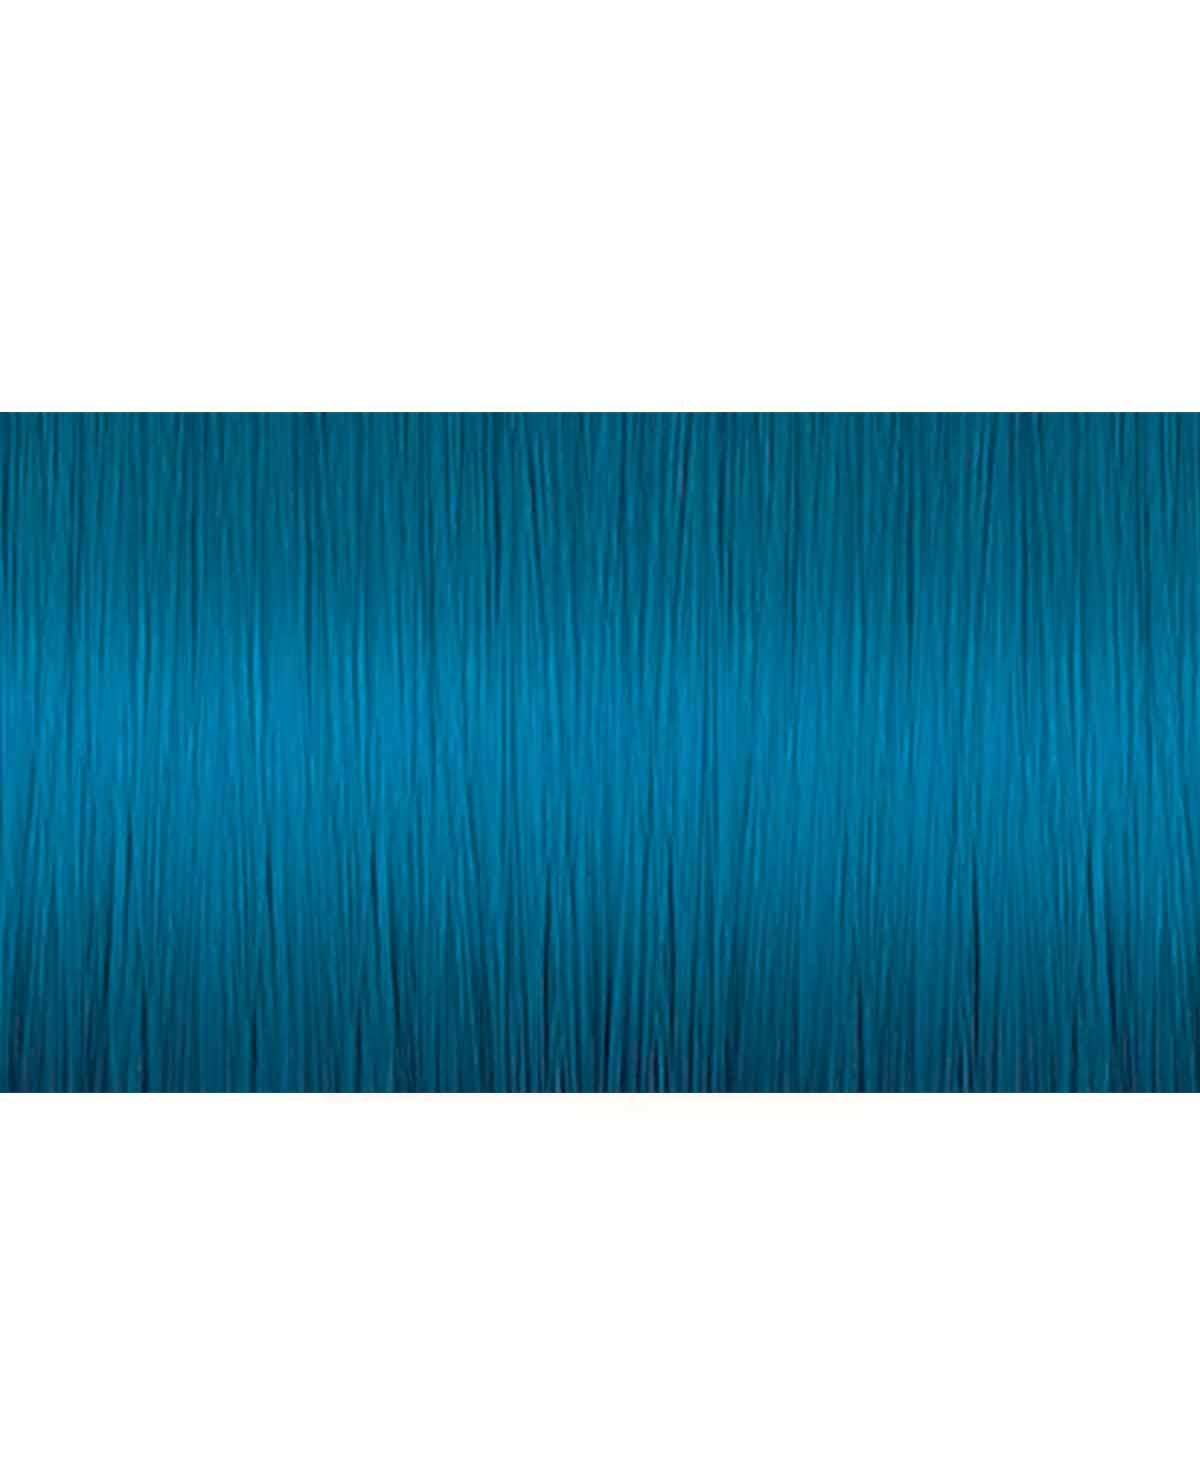 Joico Intensity Mermaid Blue 118ml